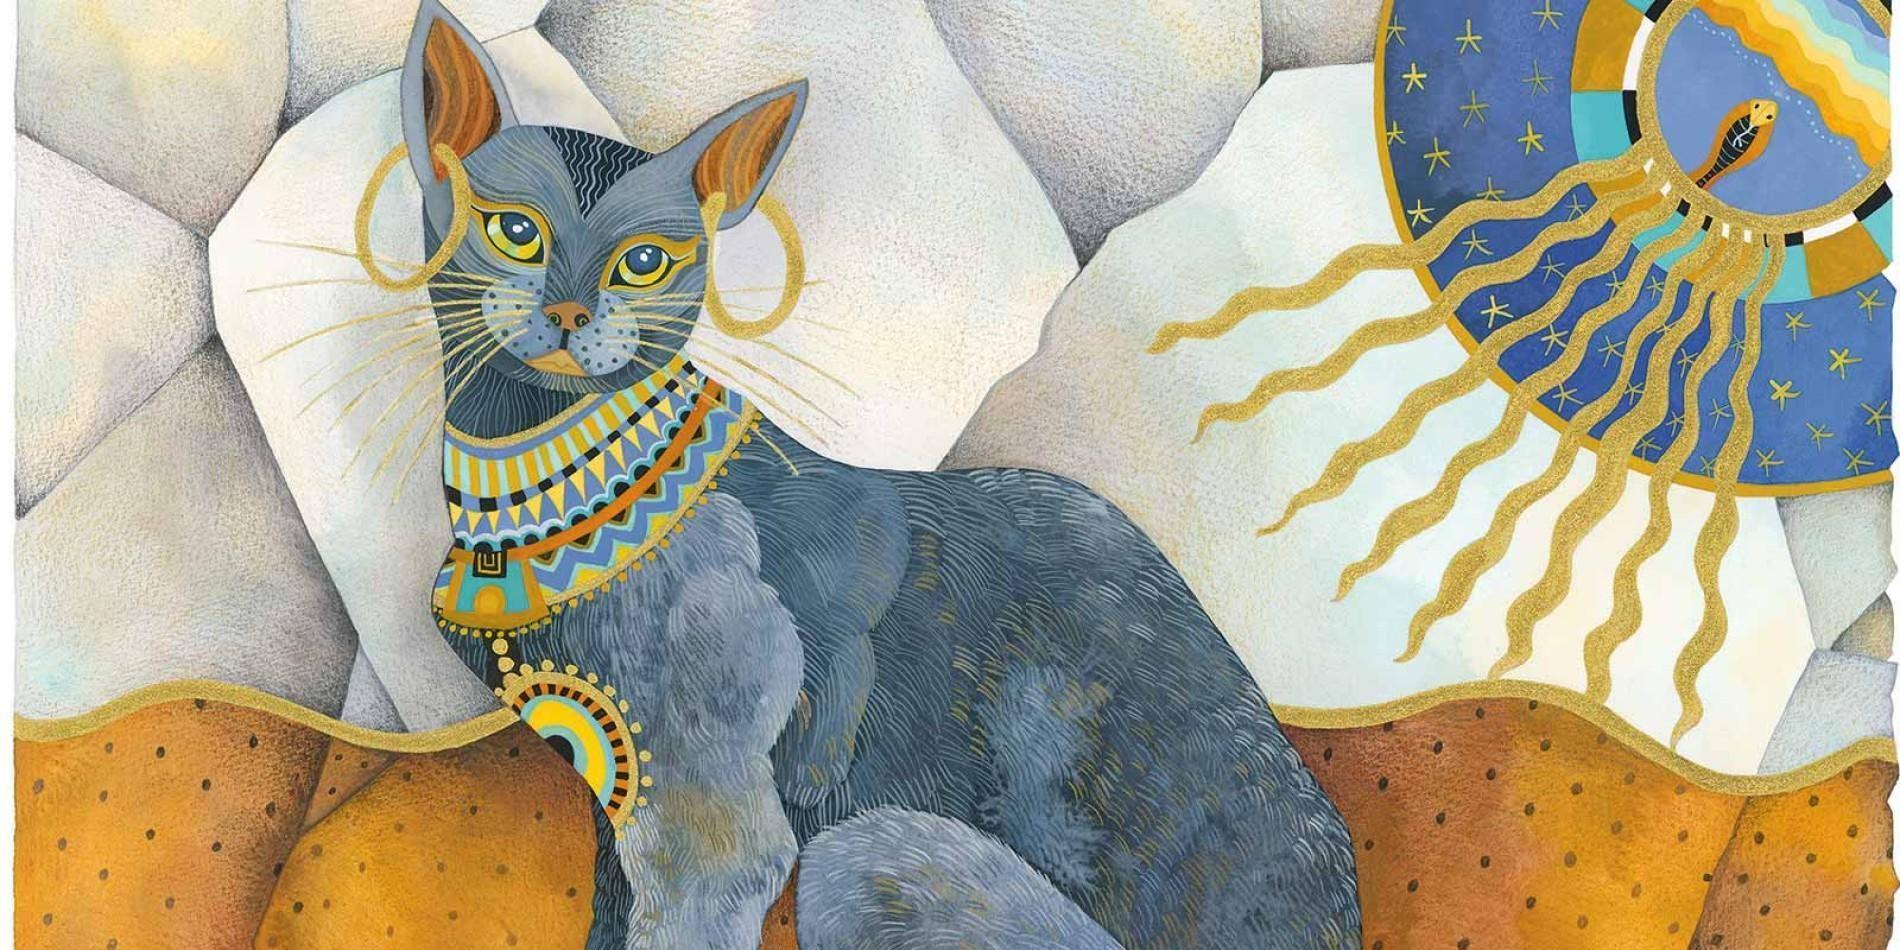 12 coisas que você não sabia sobre Bastet, a deusa gato egípcia